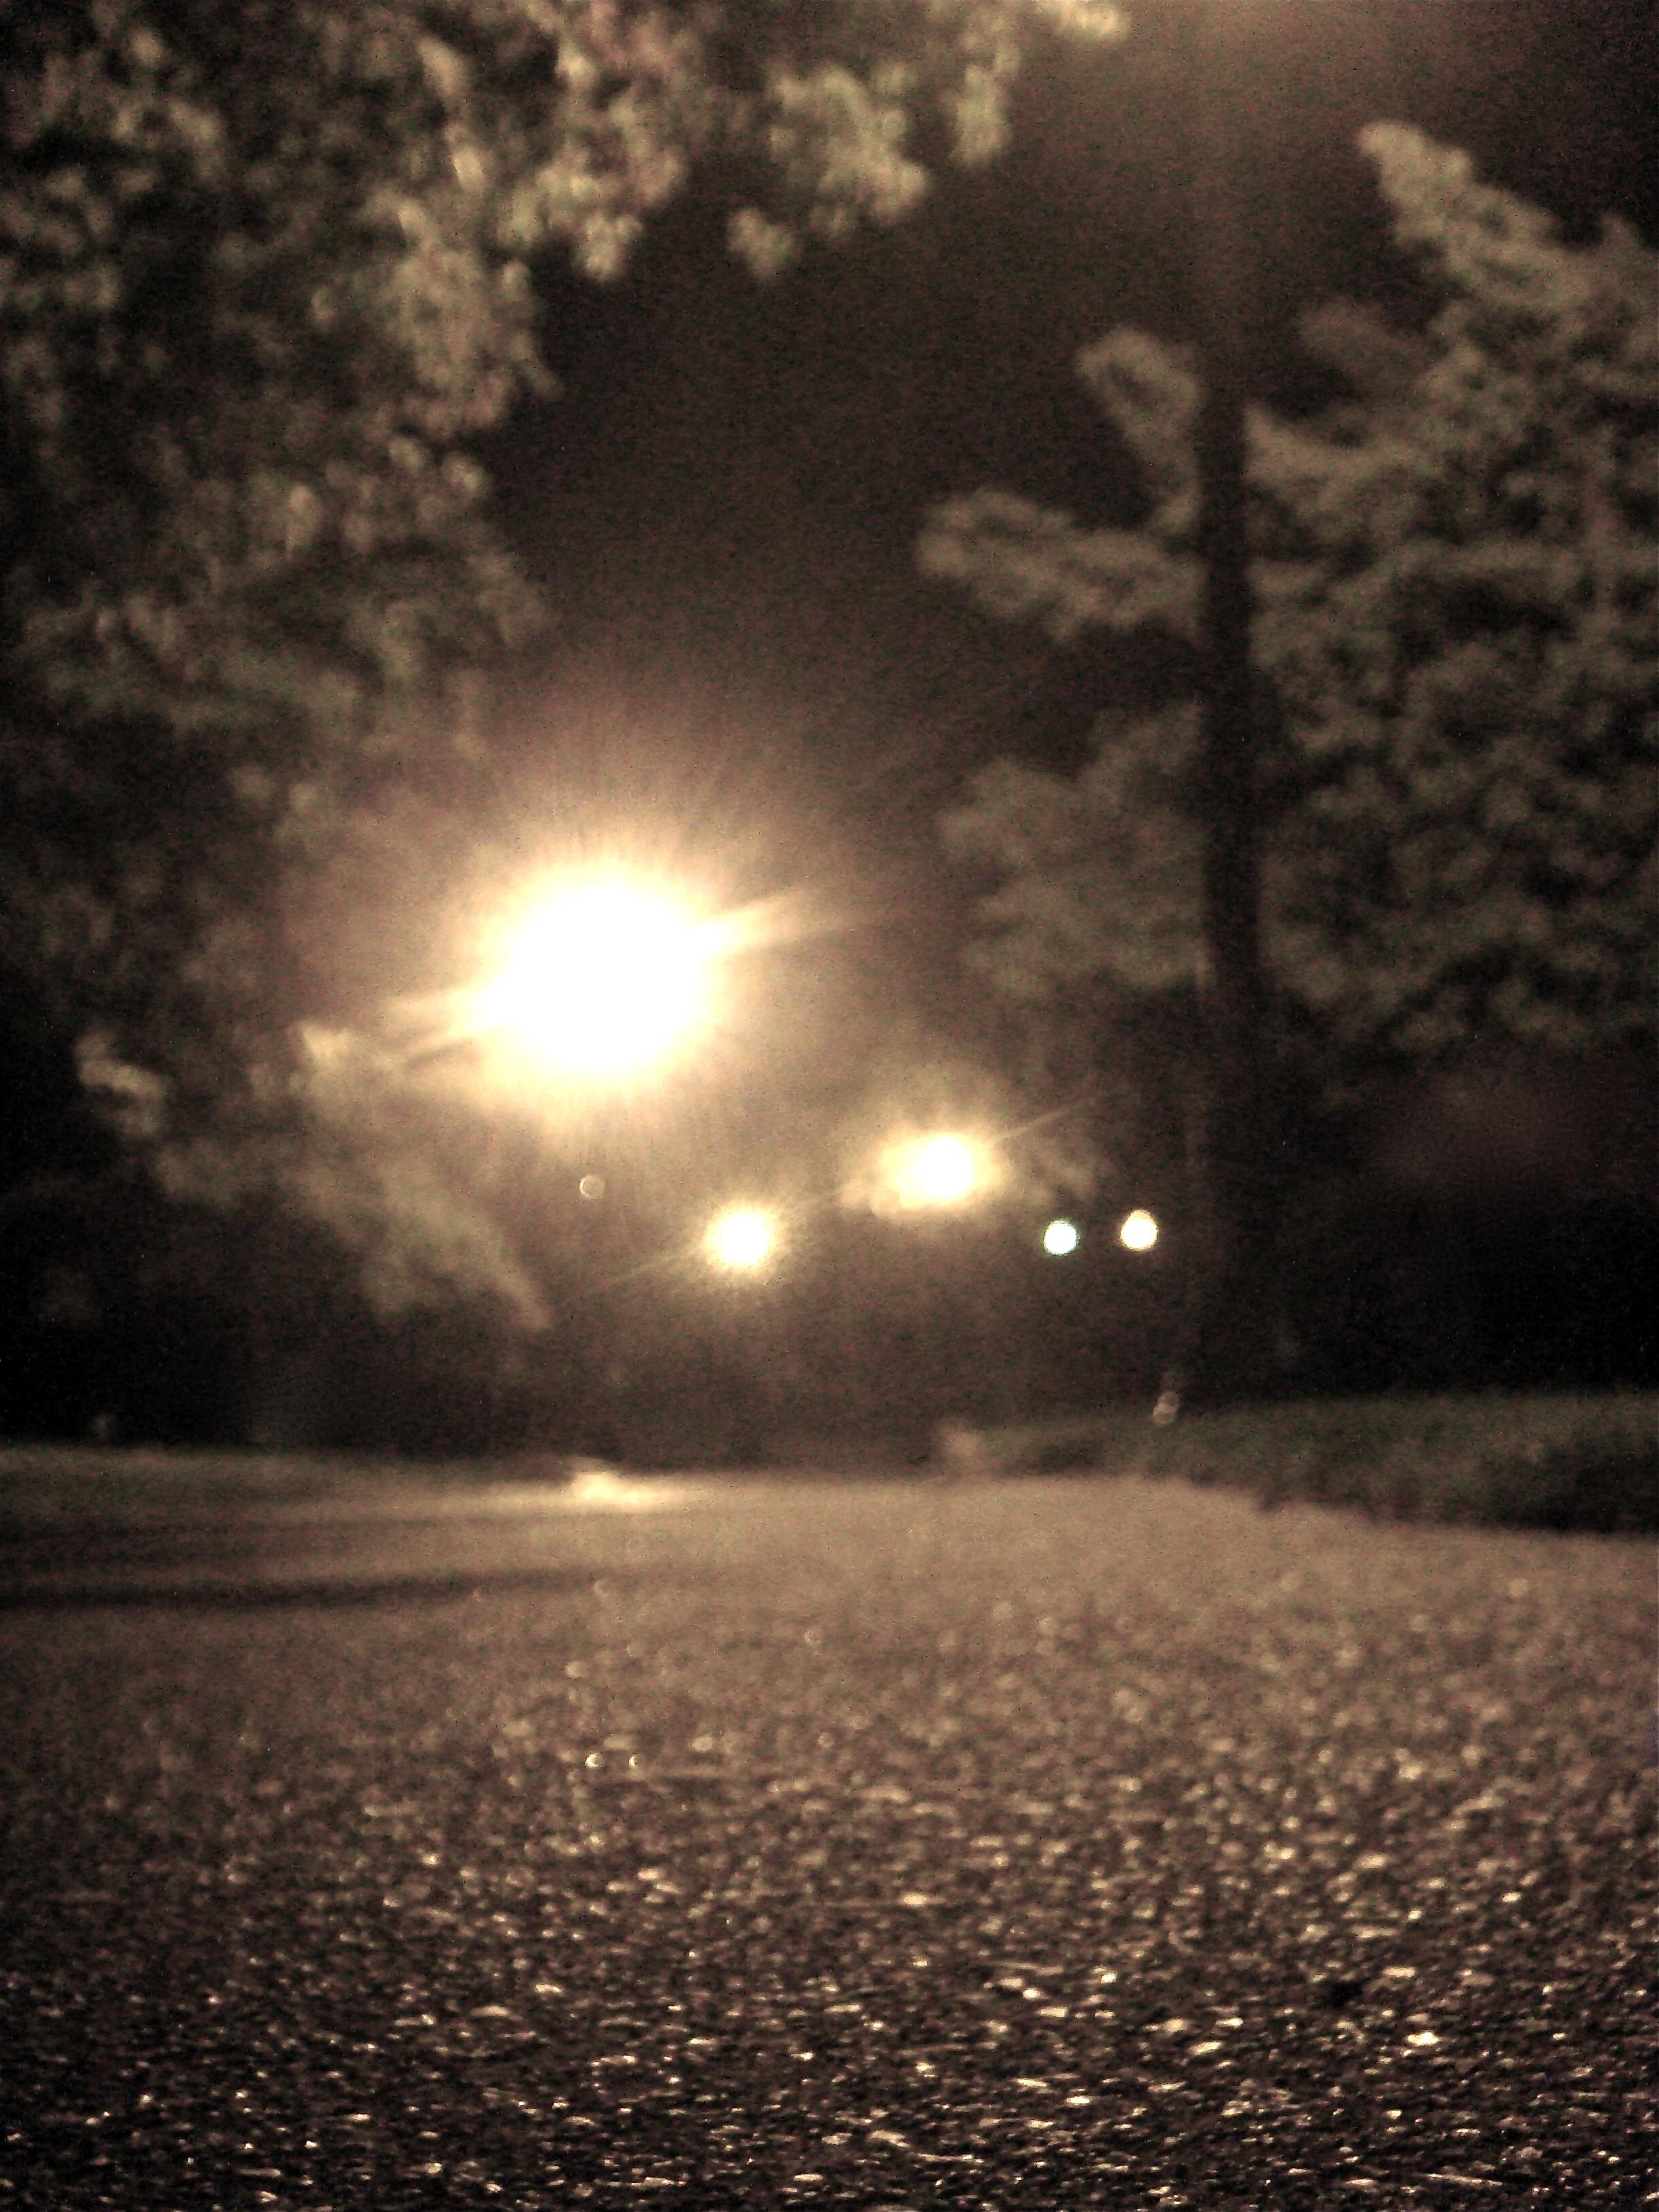 Sidewalk At Night